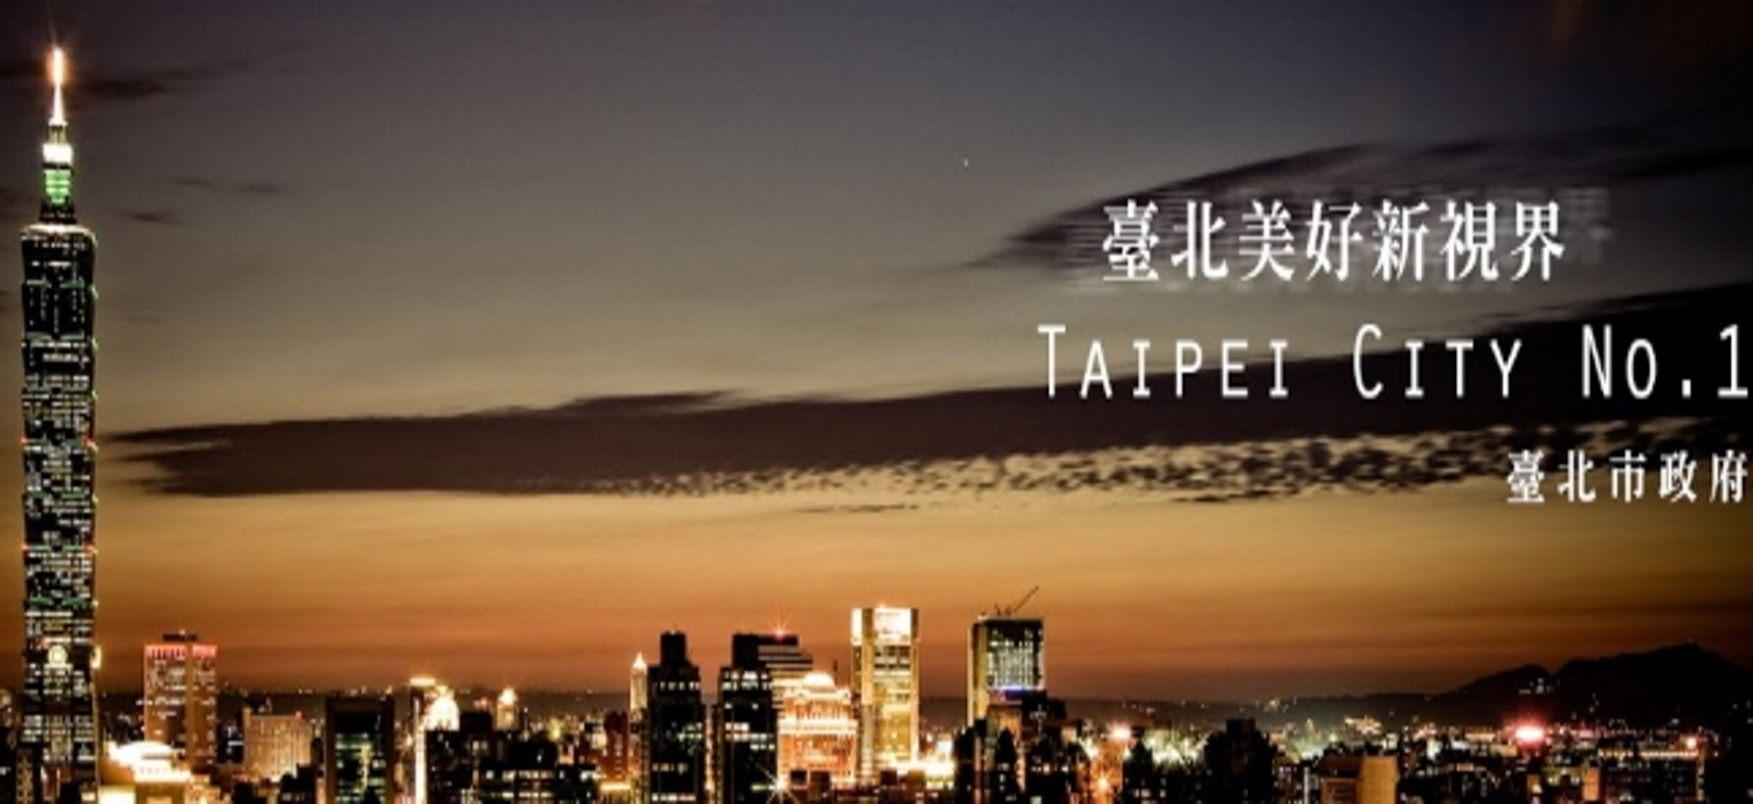 臺北美好新視界YOUTUBE頻道